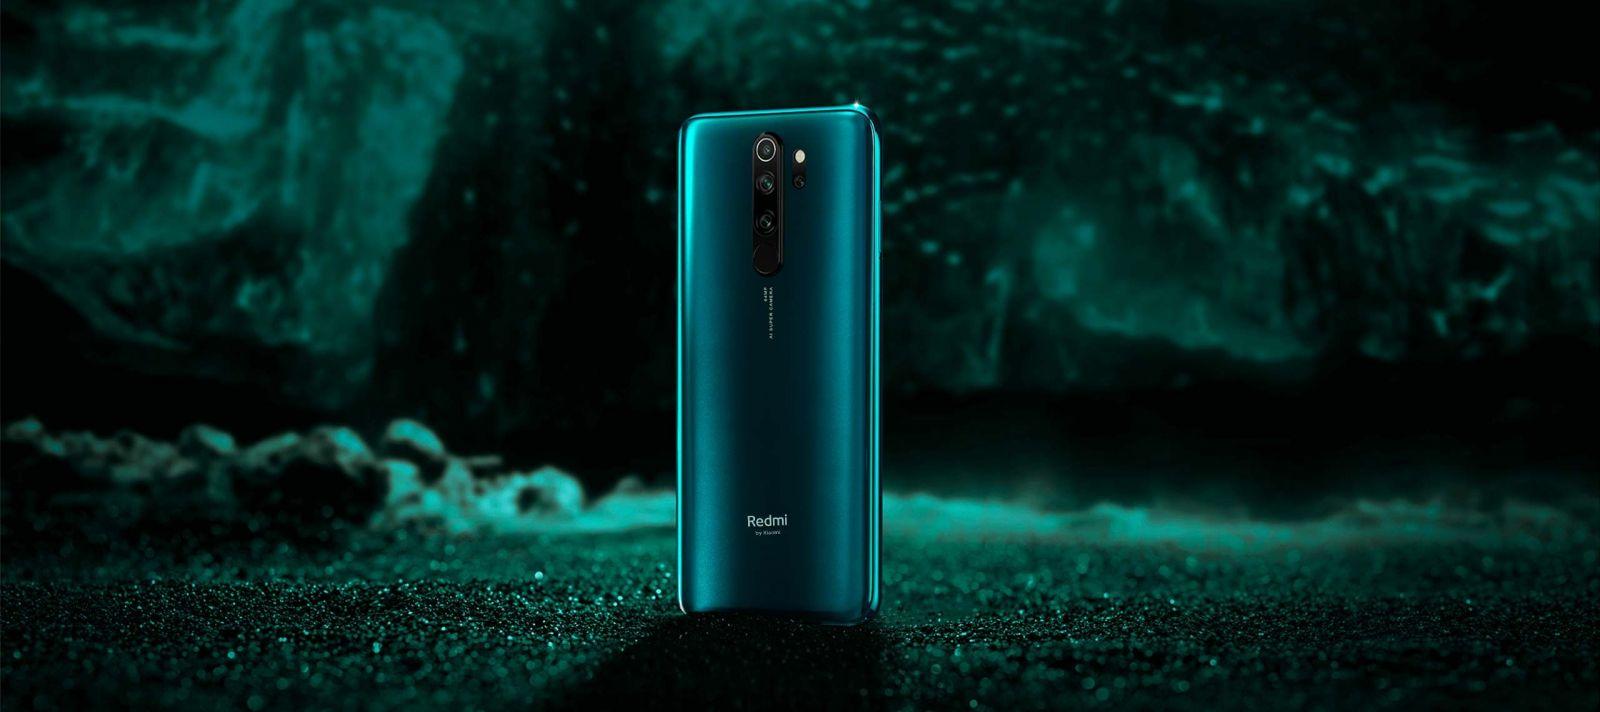 Štvoritý 64 Mpx fotoaparát a špičková výbava za zlomok ceny prémiových smartfónov. Prichádza Xiaomi Redmi Note 8